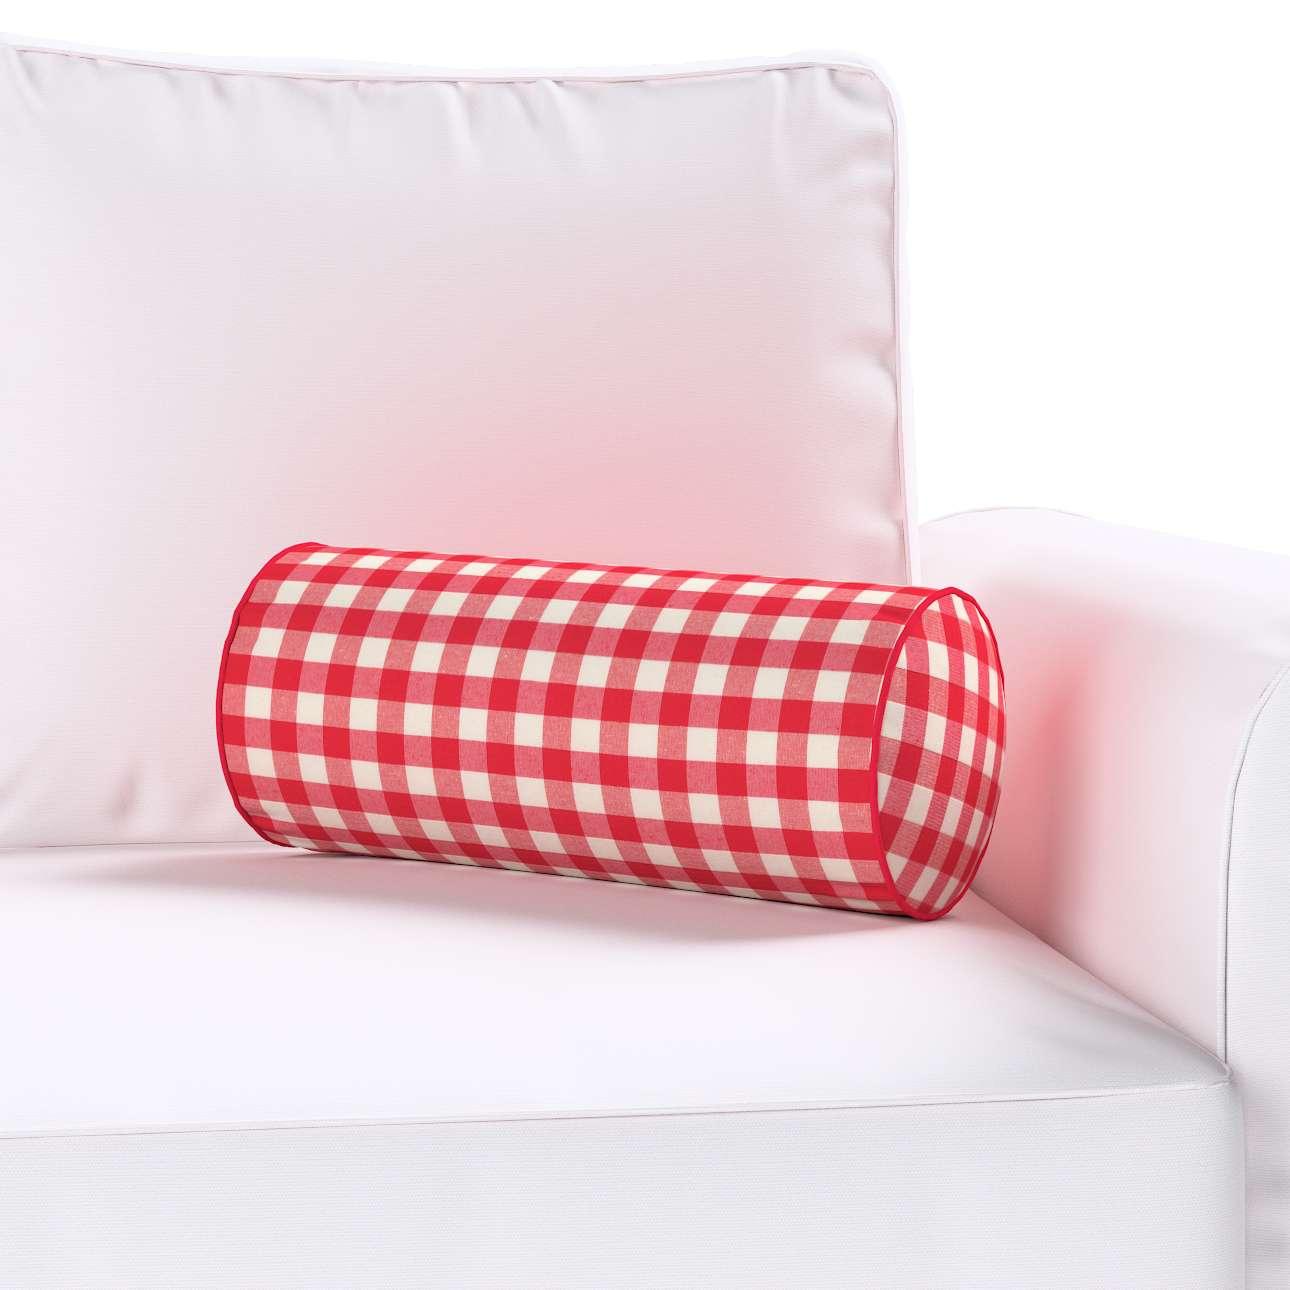 Ritinio formos  pagalvėlė Ø 16 x 40 cm (6 x 16 inch) kolekcijoje Quadro, audinys: 136-16